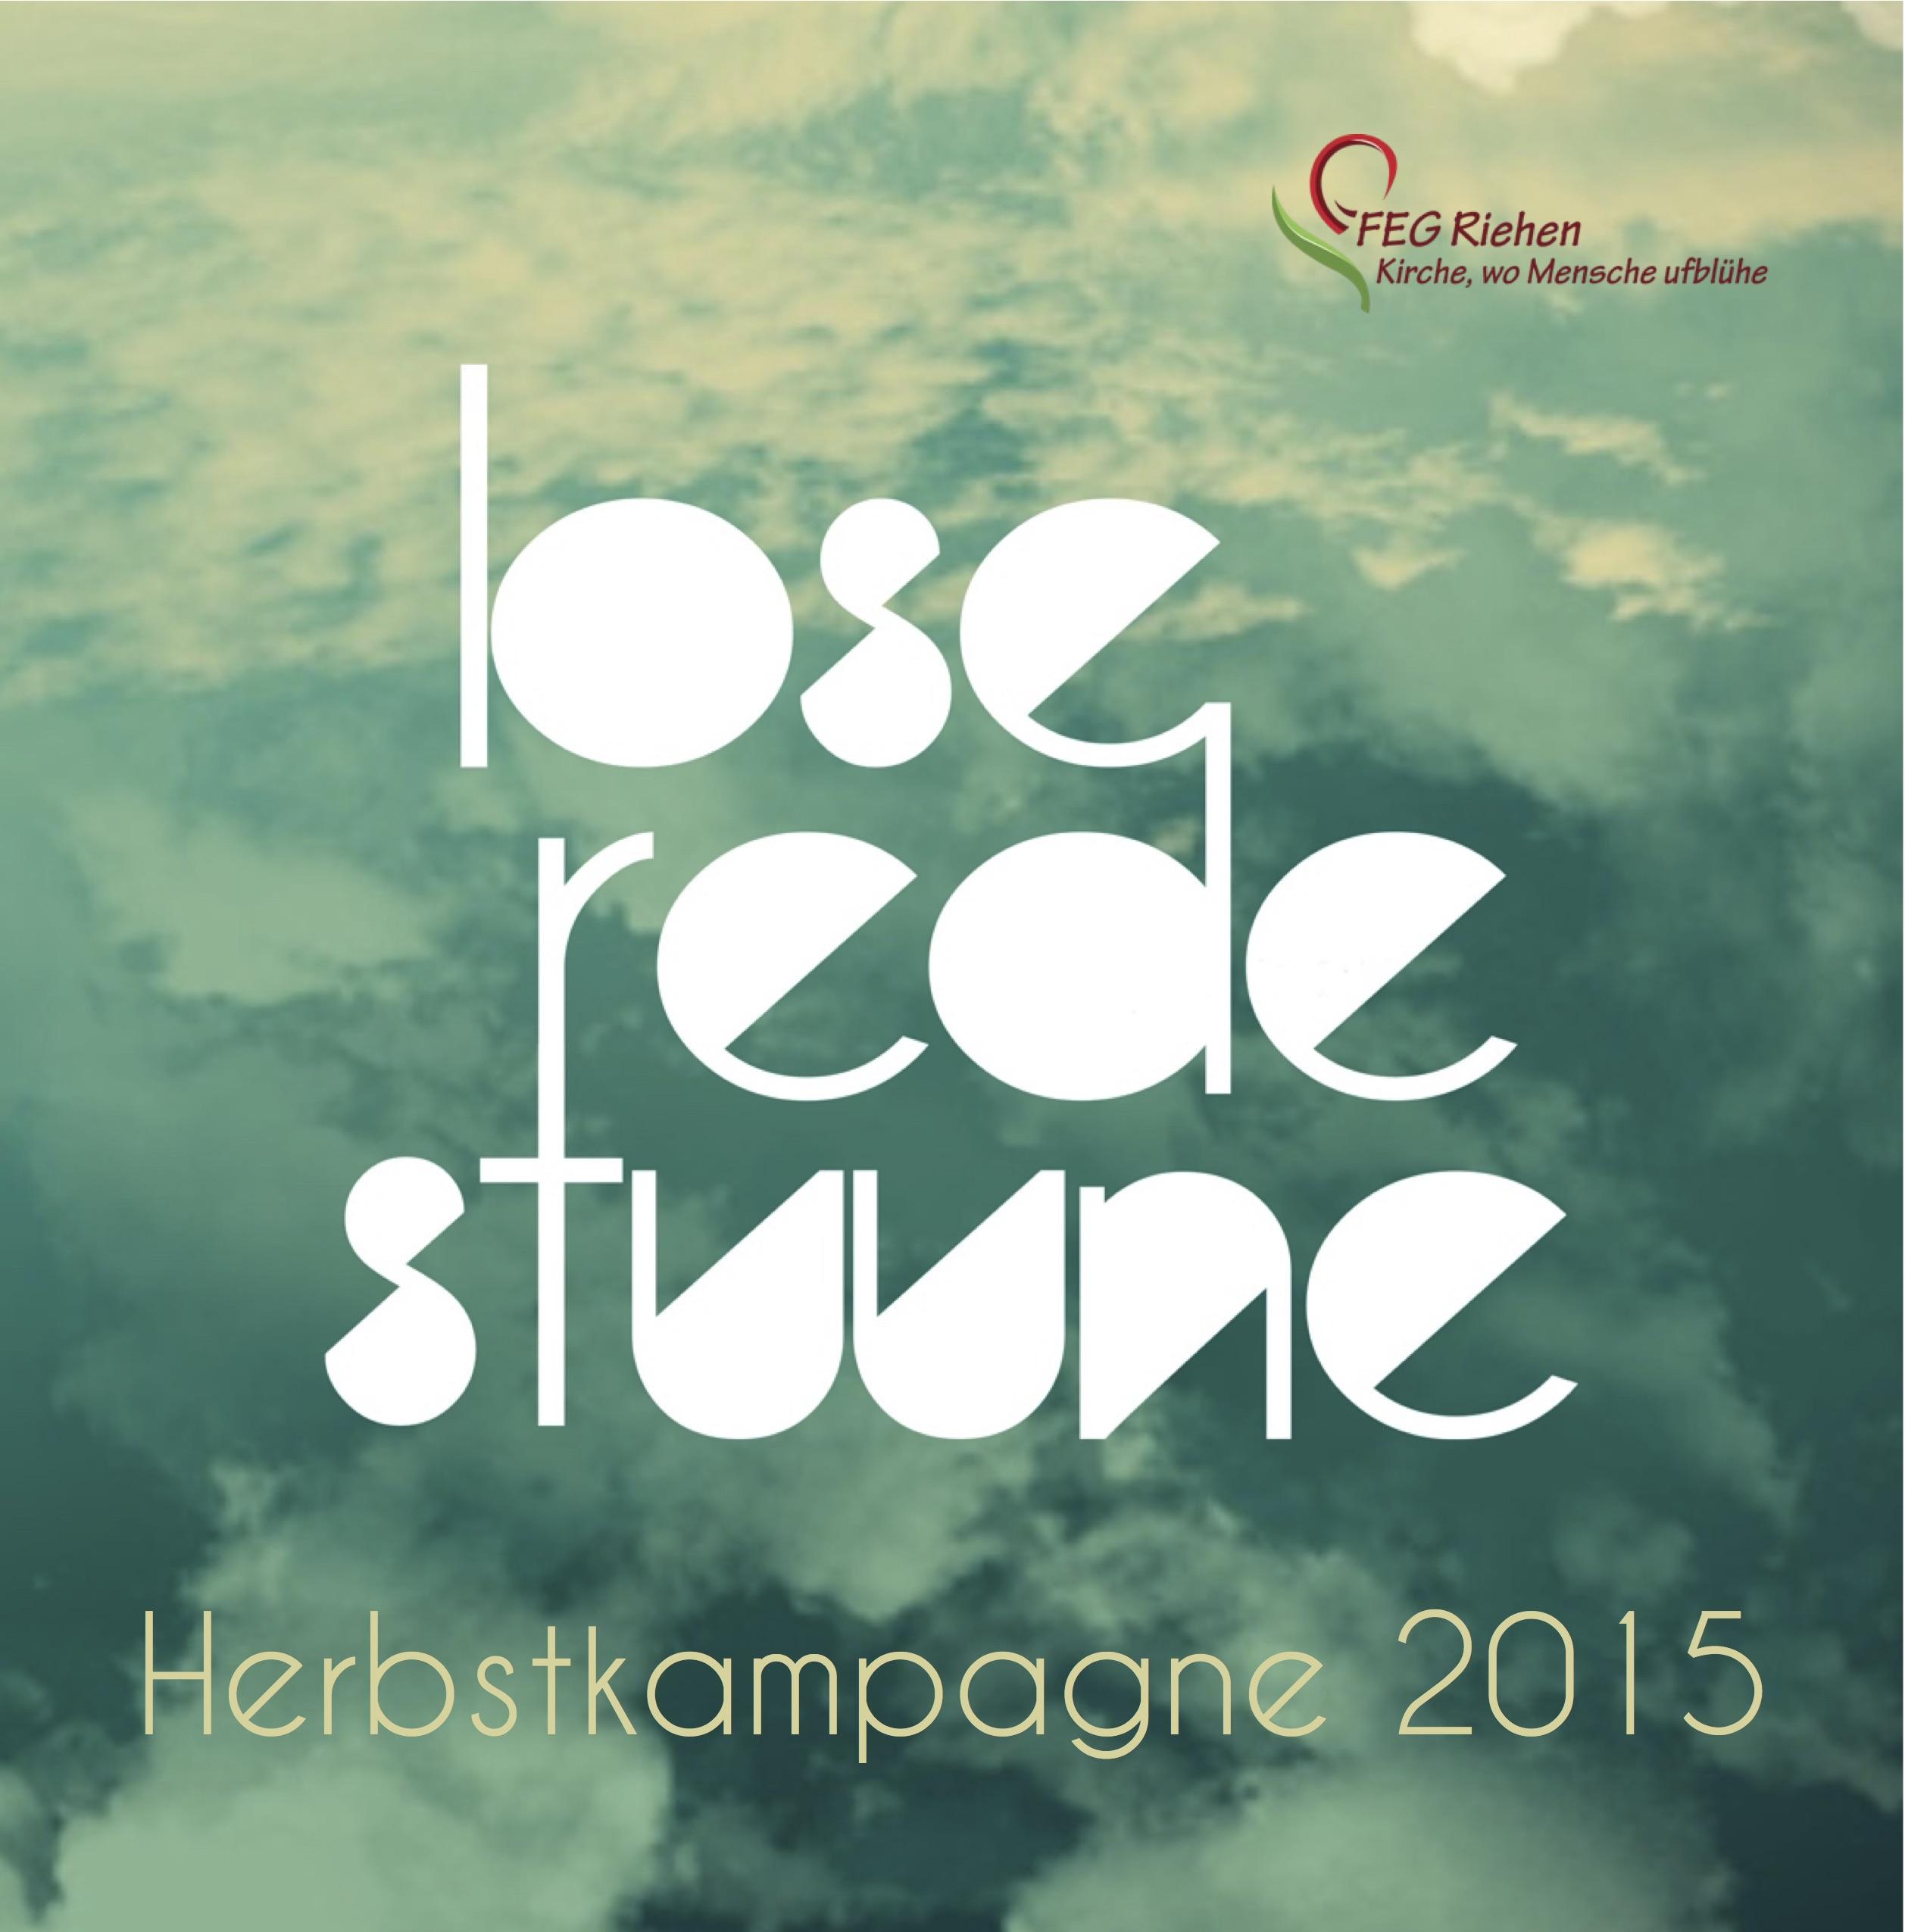 Herbstkampagne 2015